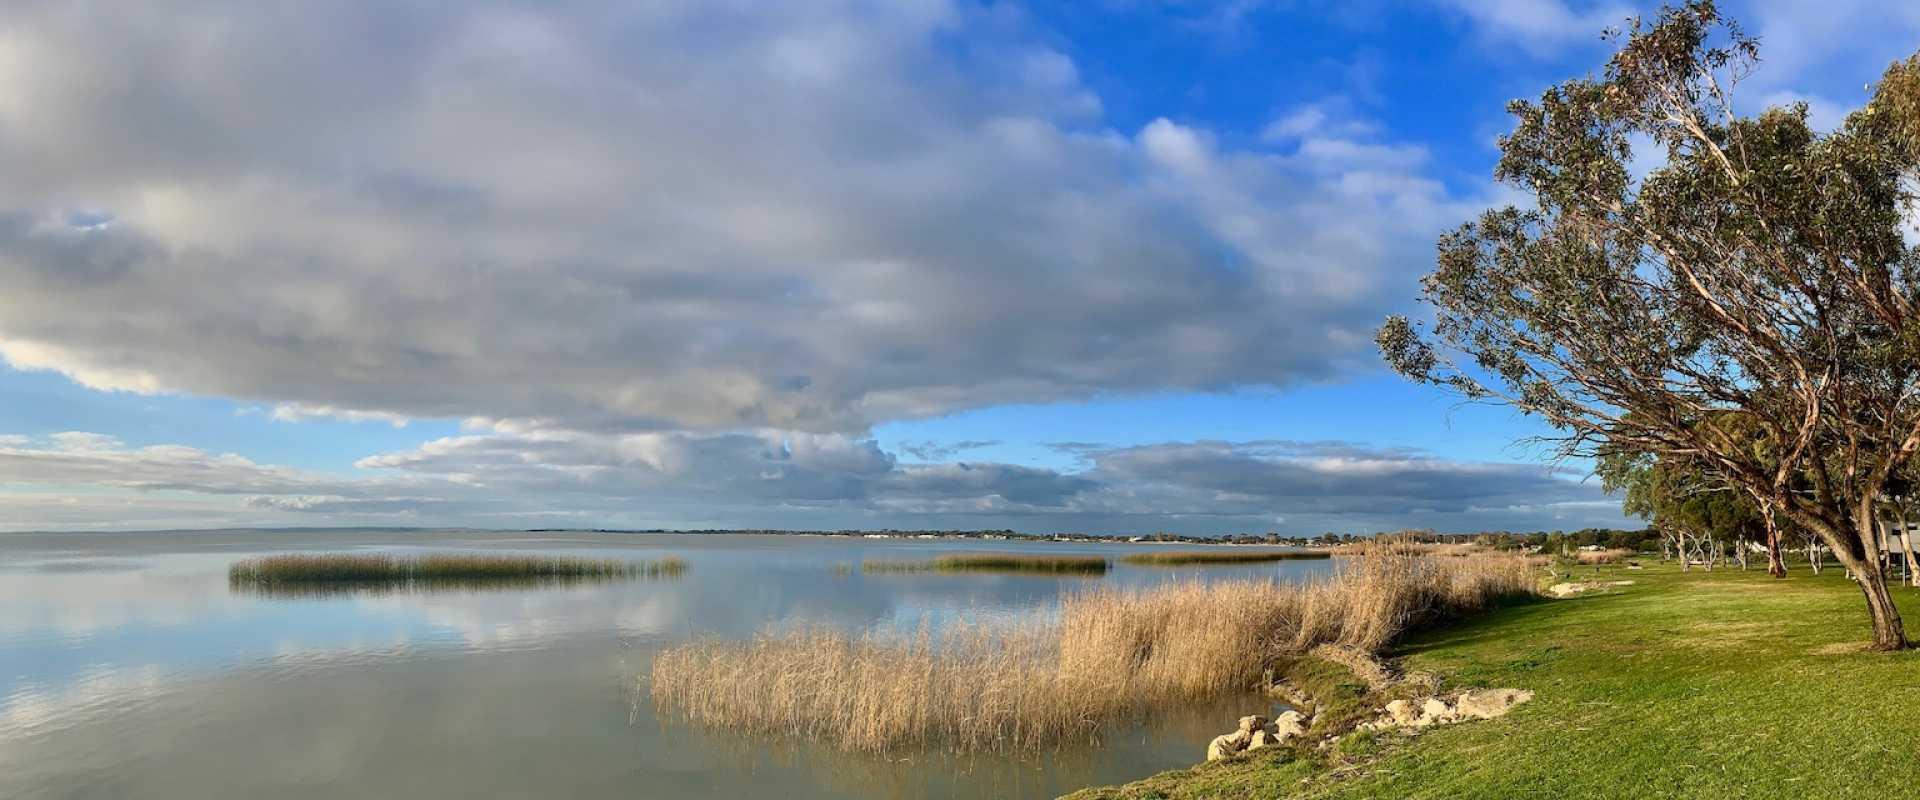 Lake Alexandrina SA